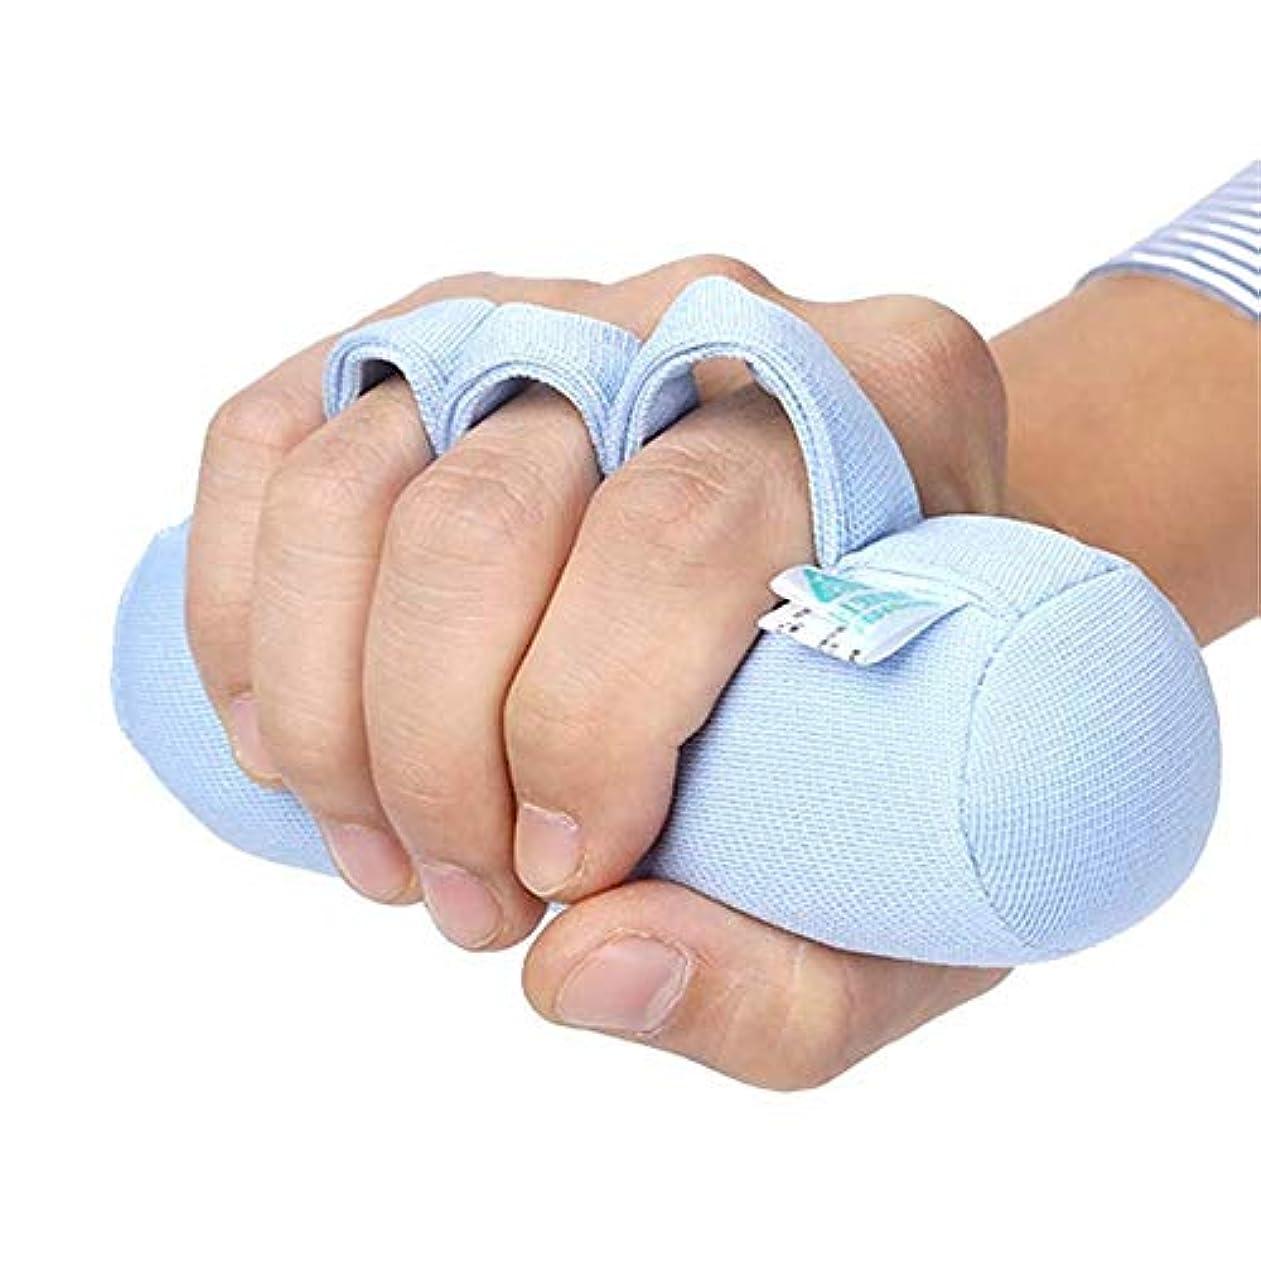 株式警察寛大さ指の怪我のサポート、指のトレーニングリハビリテーション運動ツール右手左手中立手拳ボードを使用